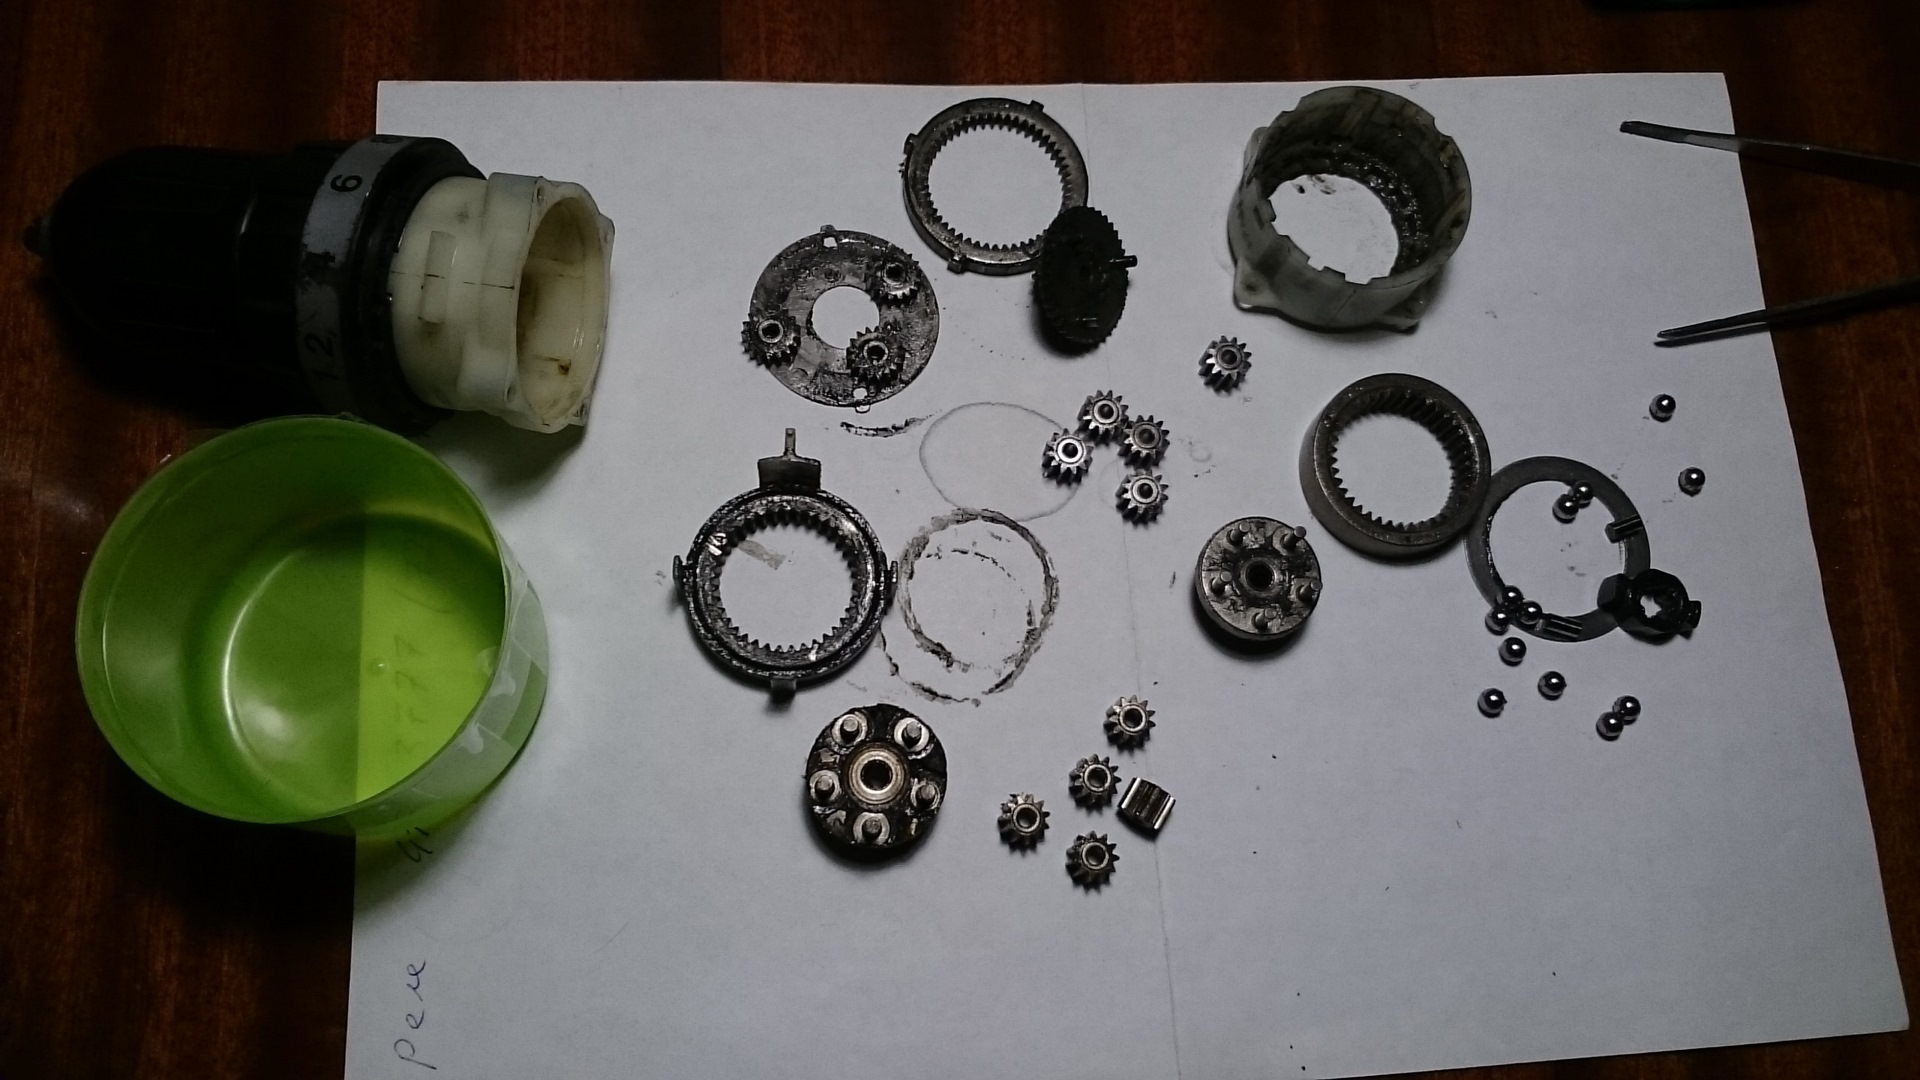 Домашняя мастерская: как отремонтировать редуктор шуруповерта?